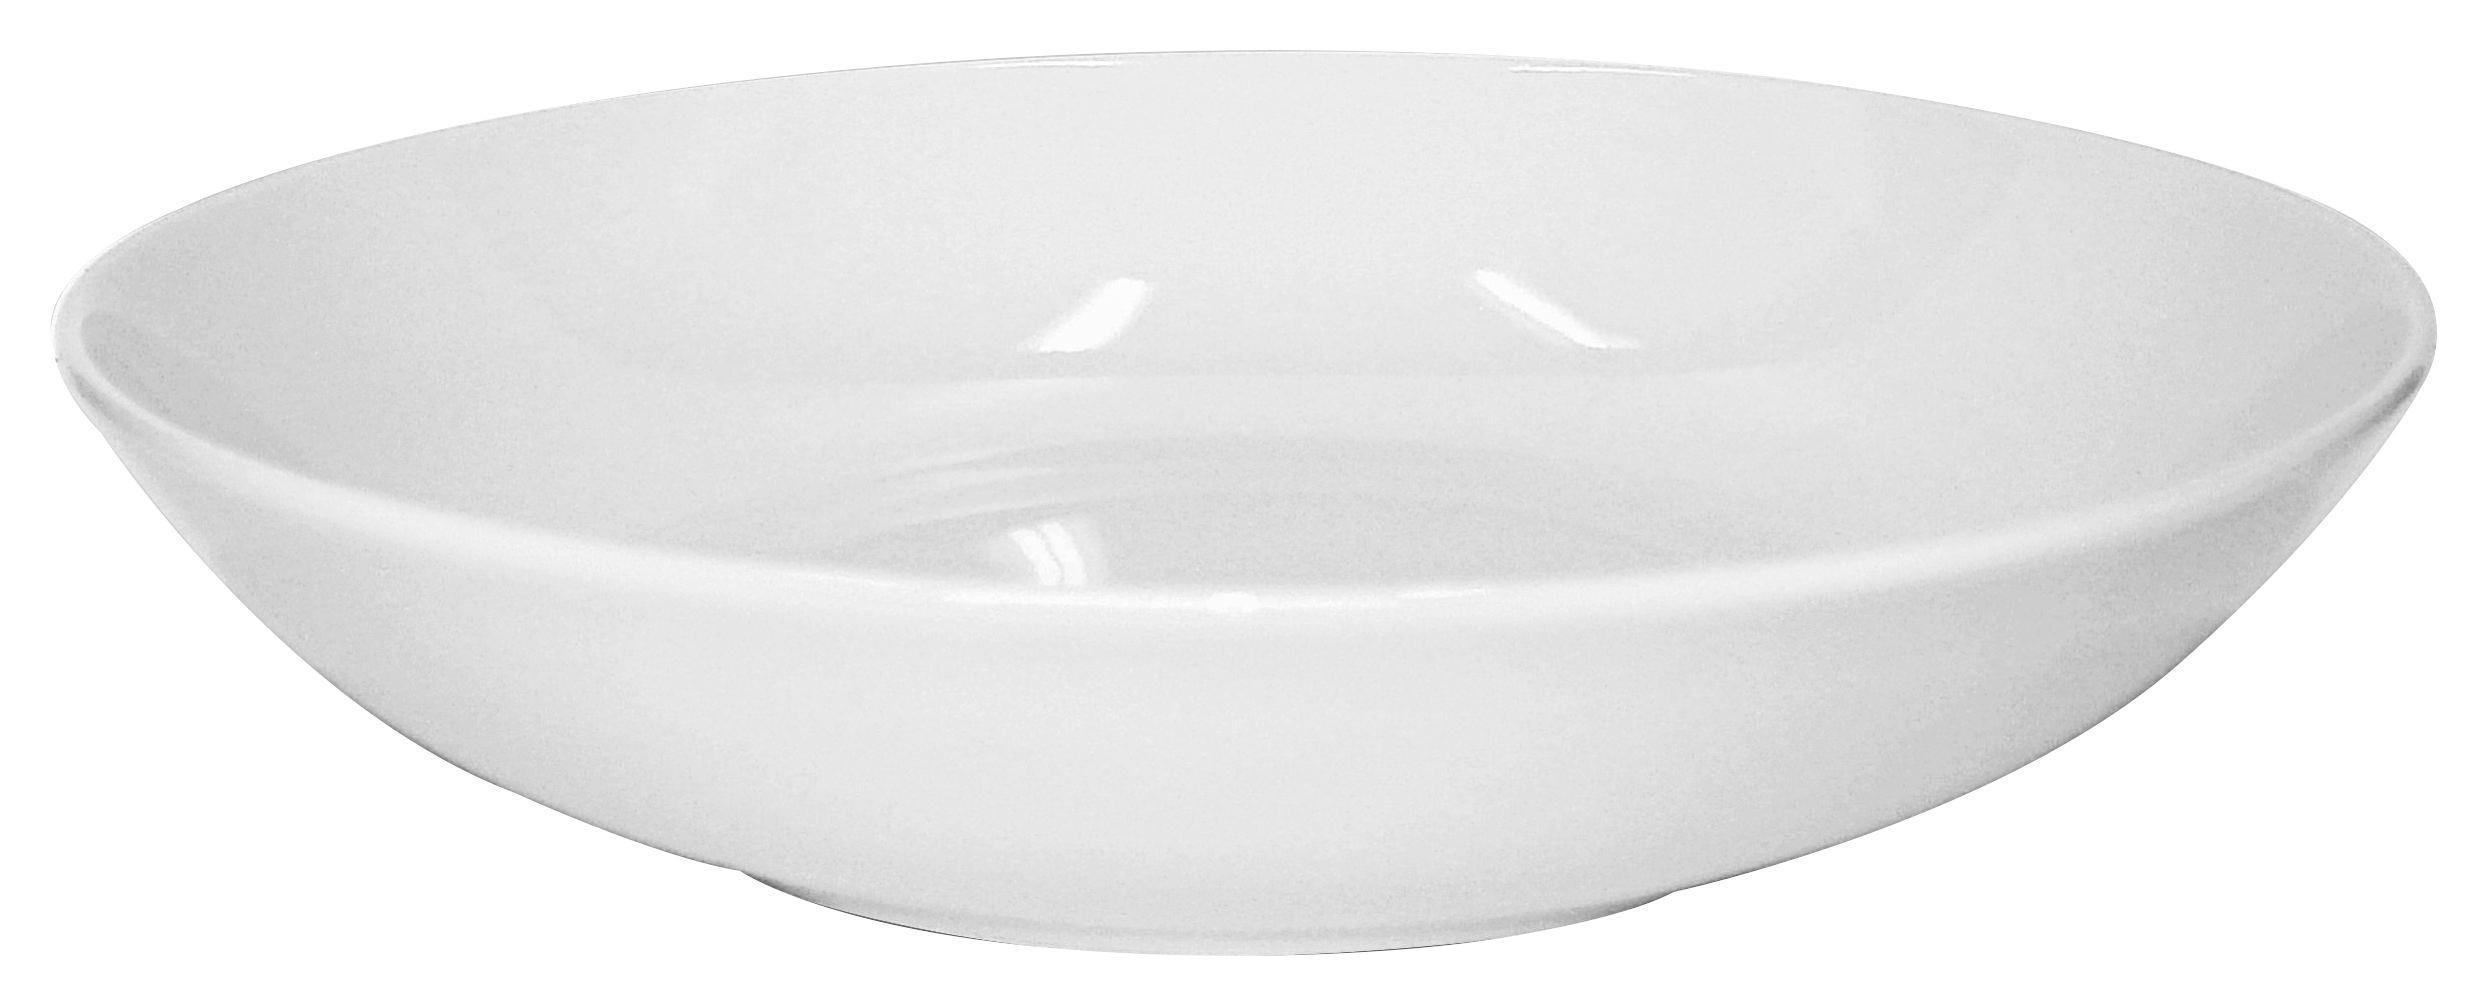 Levesestányér Felicia - fehér, konvencionális, kerámia (20cm) - OMBRA